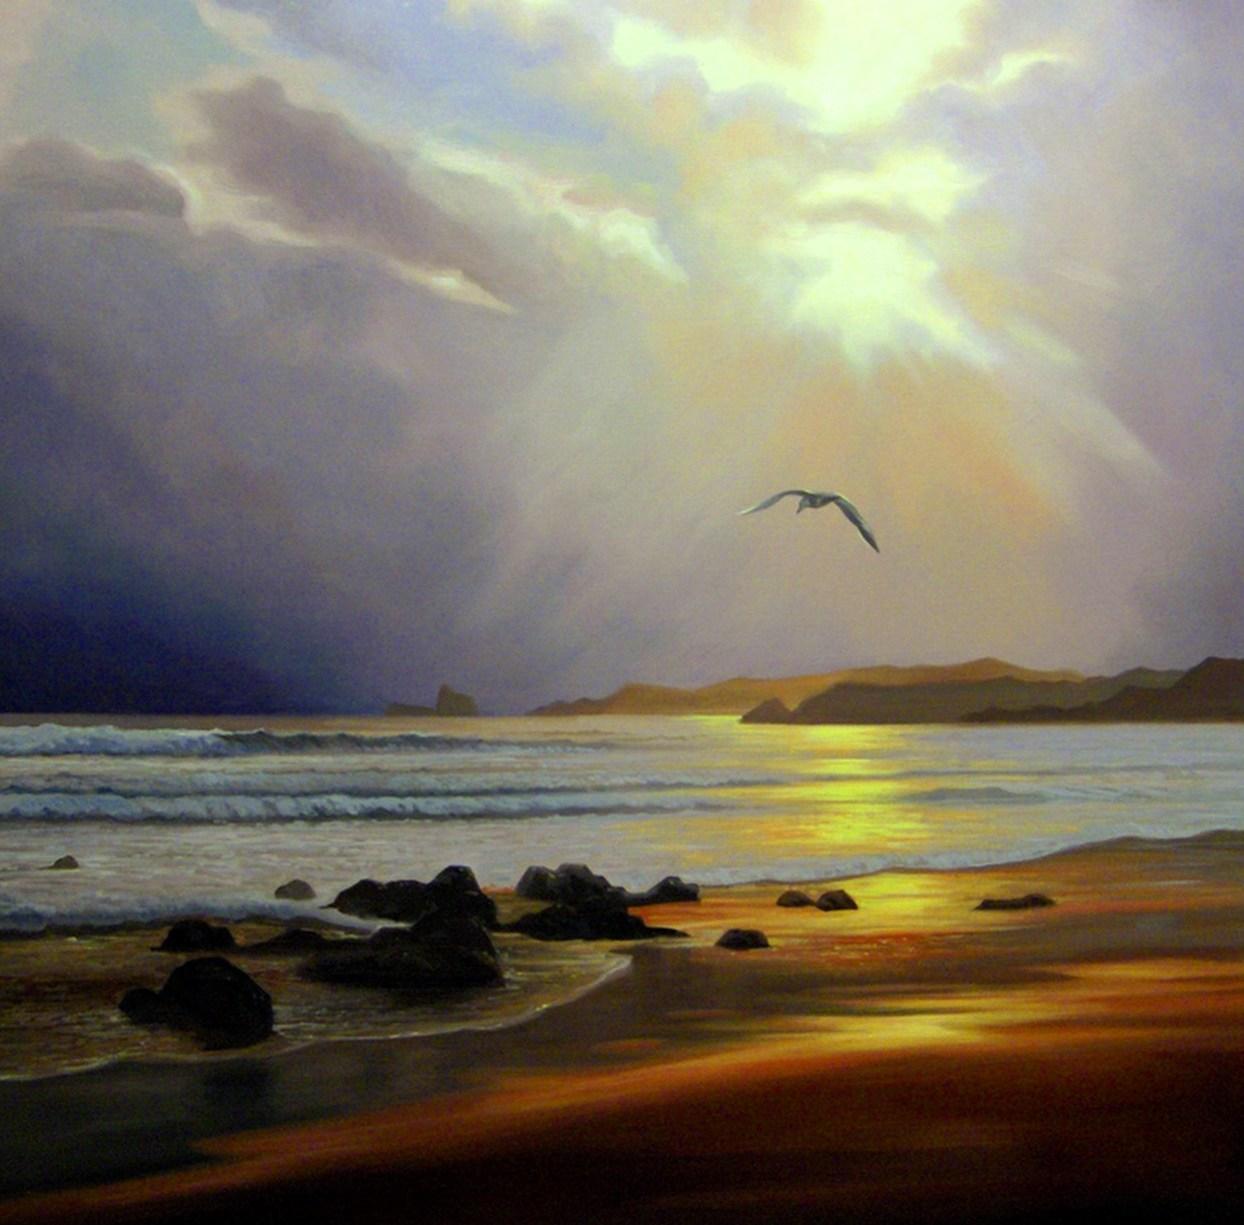 Pinturas cuadros lienzos paisajes realistas pintados al - Paisajes nevados para pintar ...